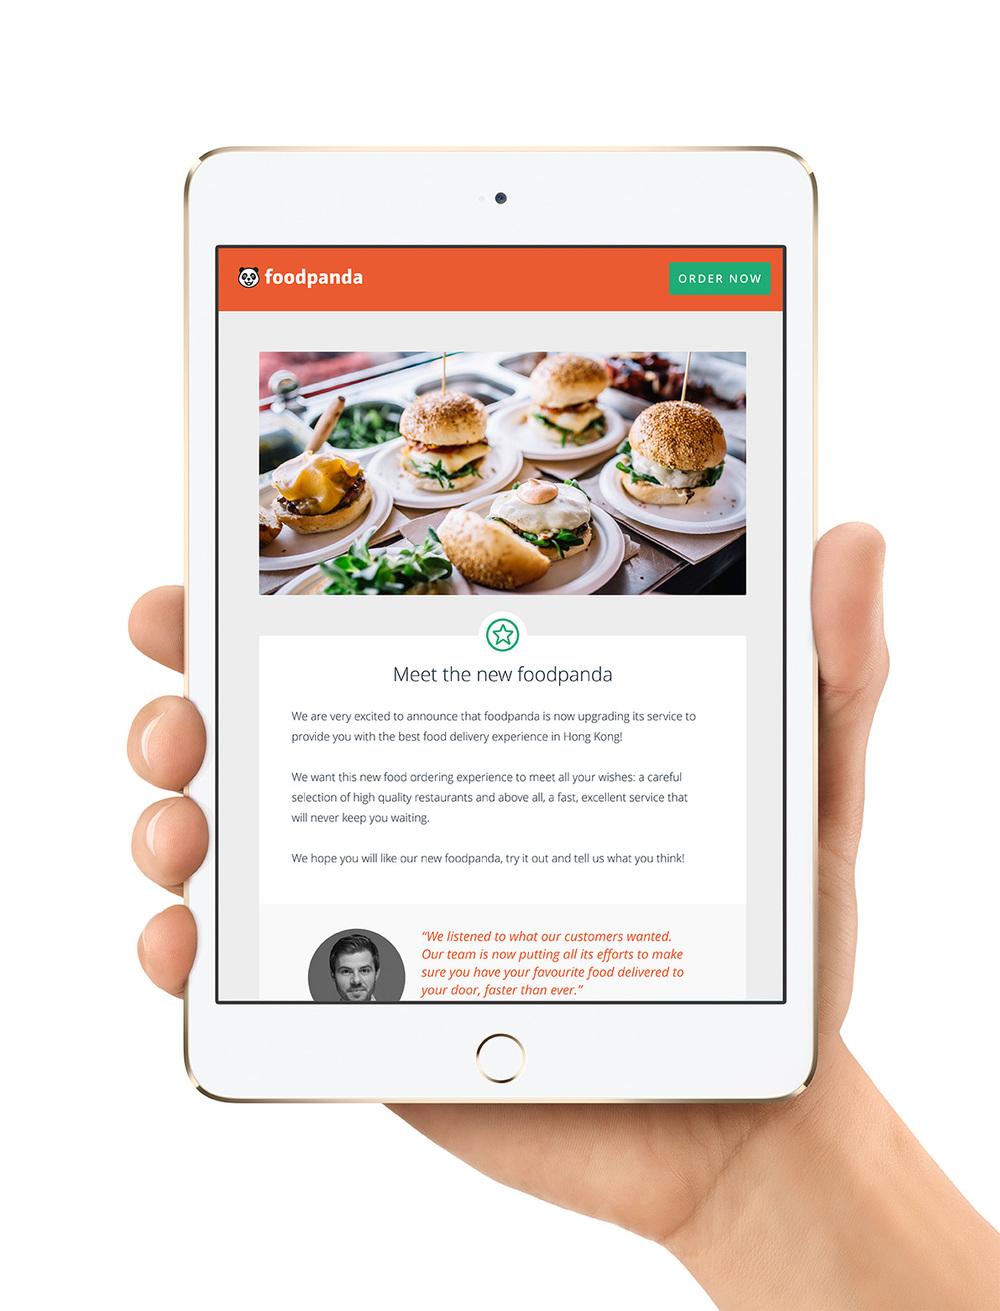 Foodpanda-Posters-A2-All-3.jpg